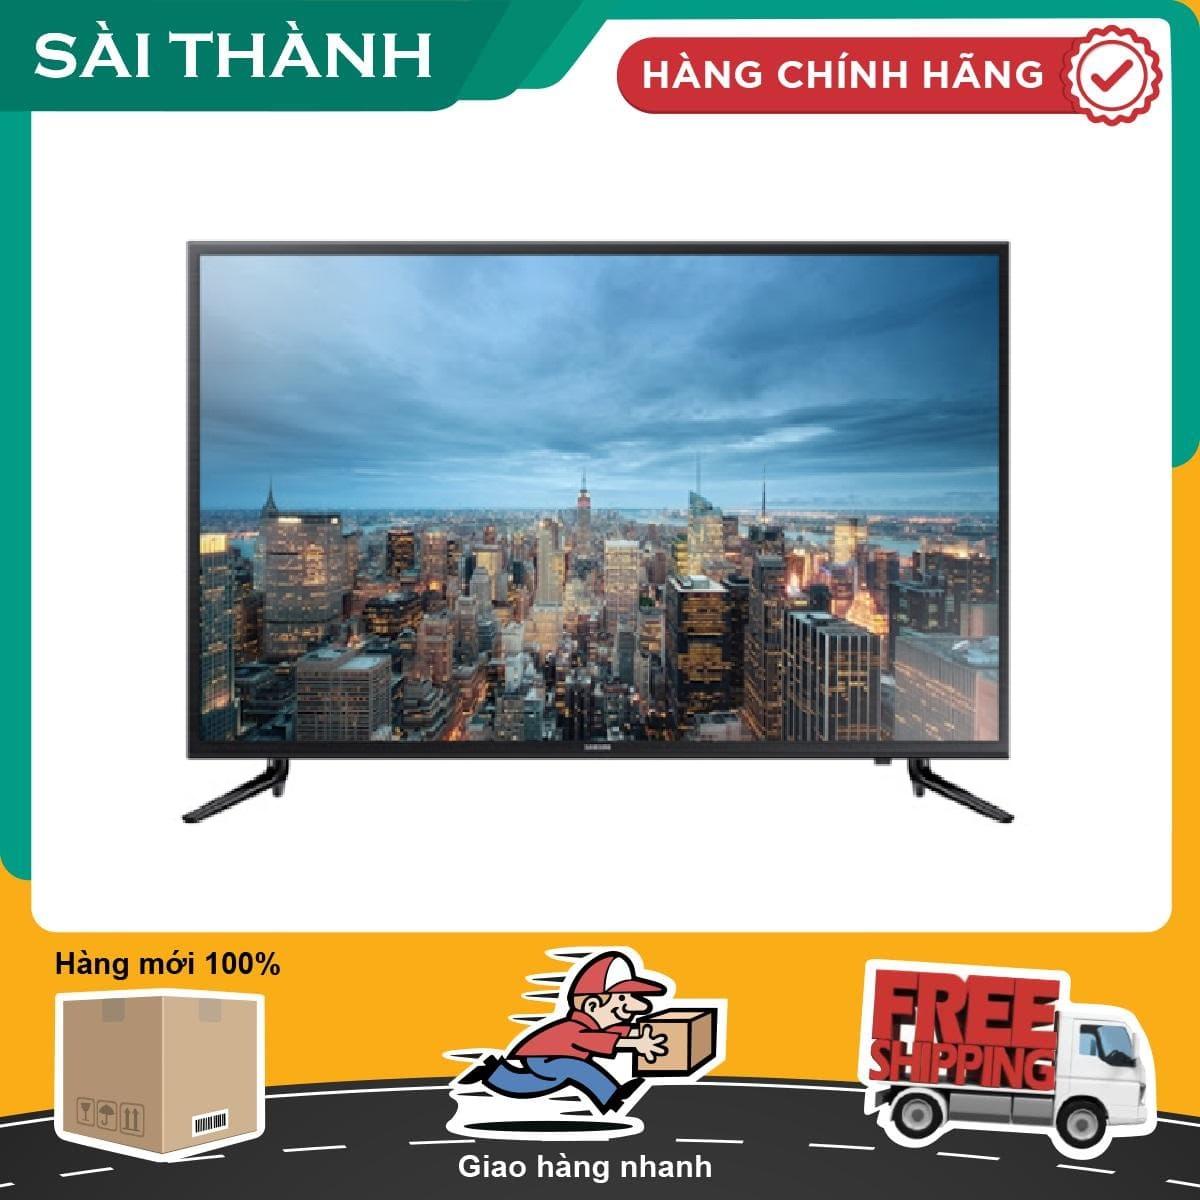 Bảng giá Tivi LED Asanzo 25inch HD – Model 25S200T  - Bảo hành 2 năm - Miễn phí vận chuyển